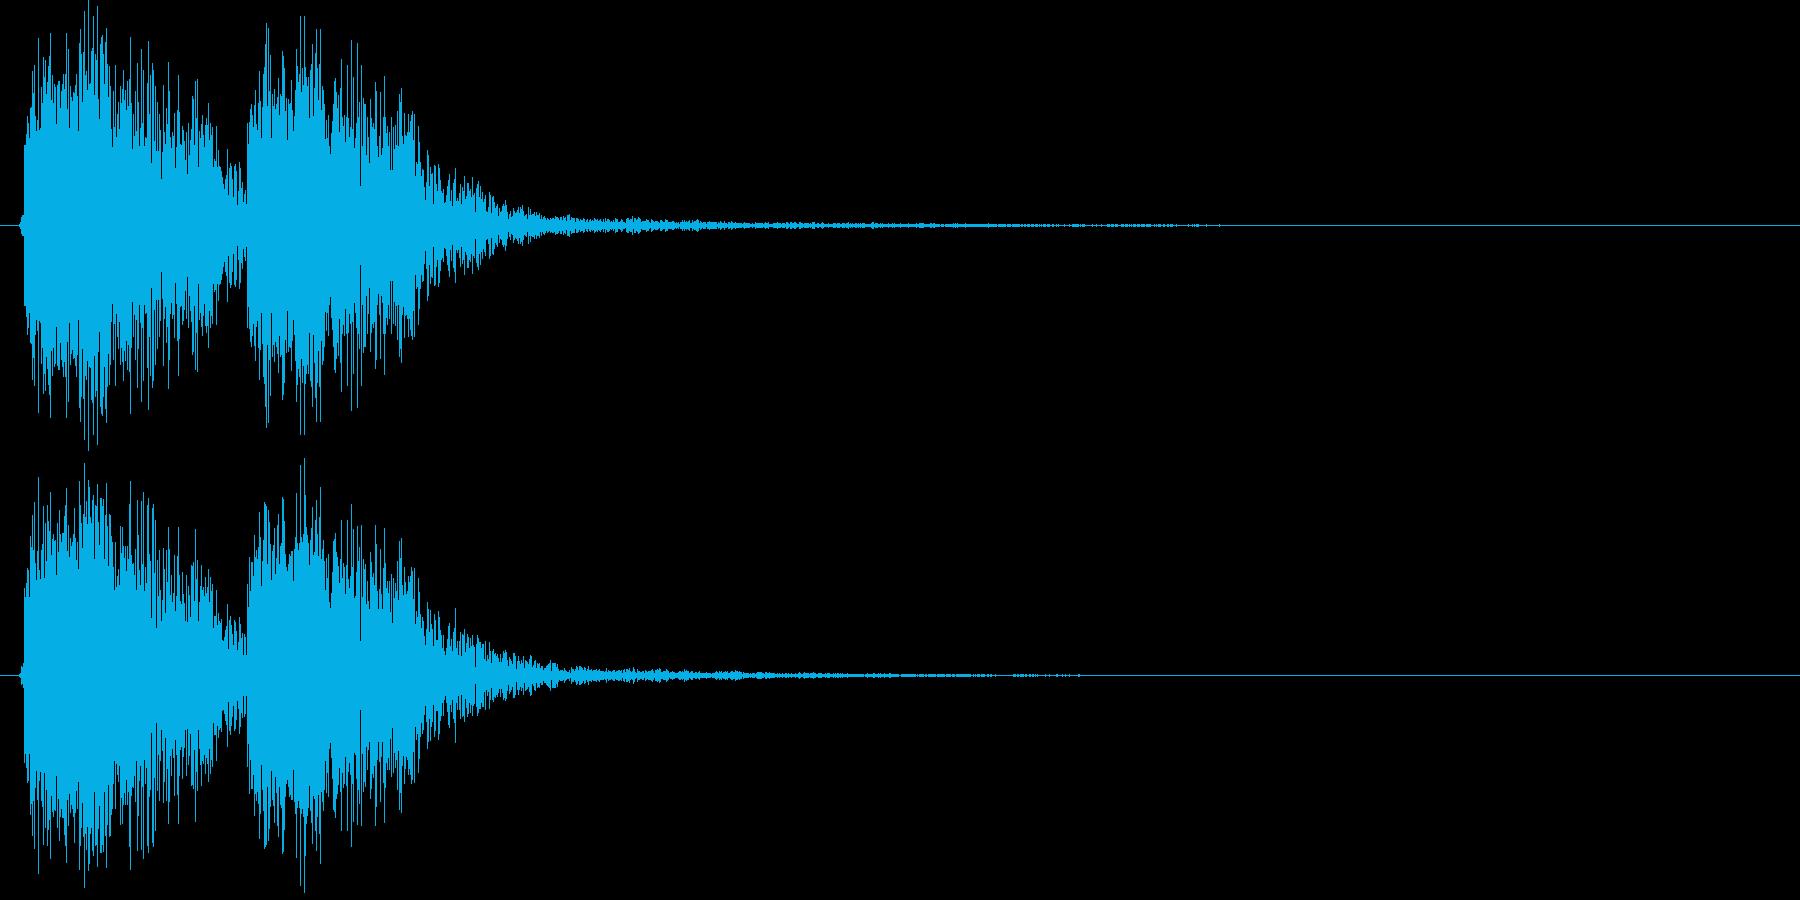 デッデン(出題前によく流れる効果音)の再生済みの波形